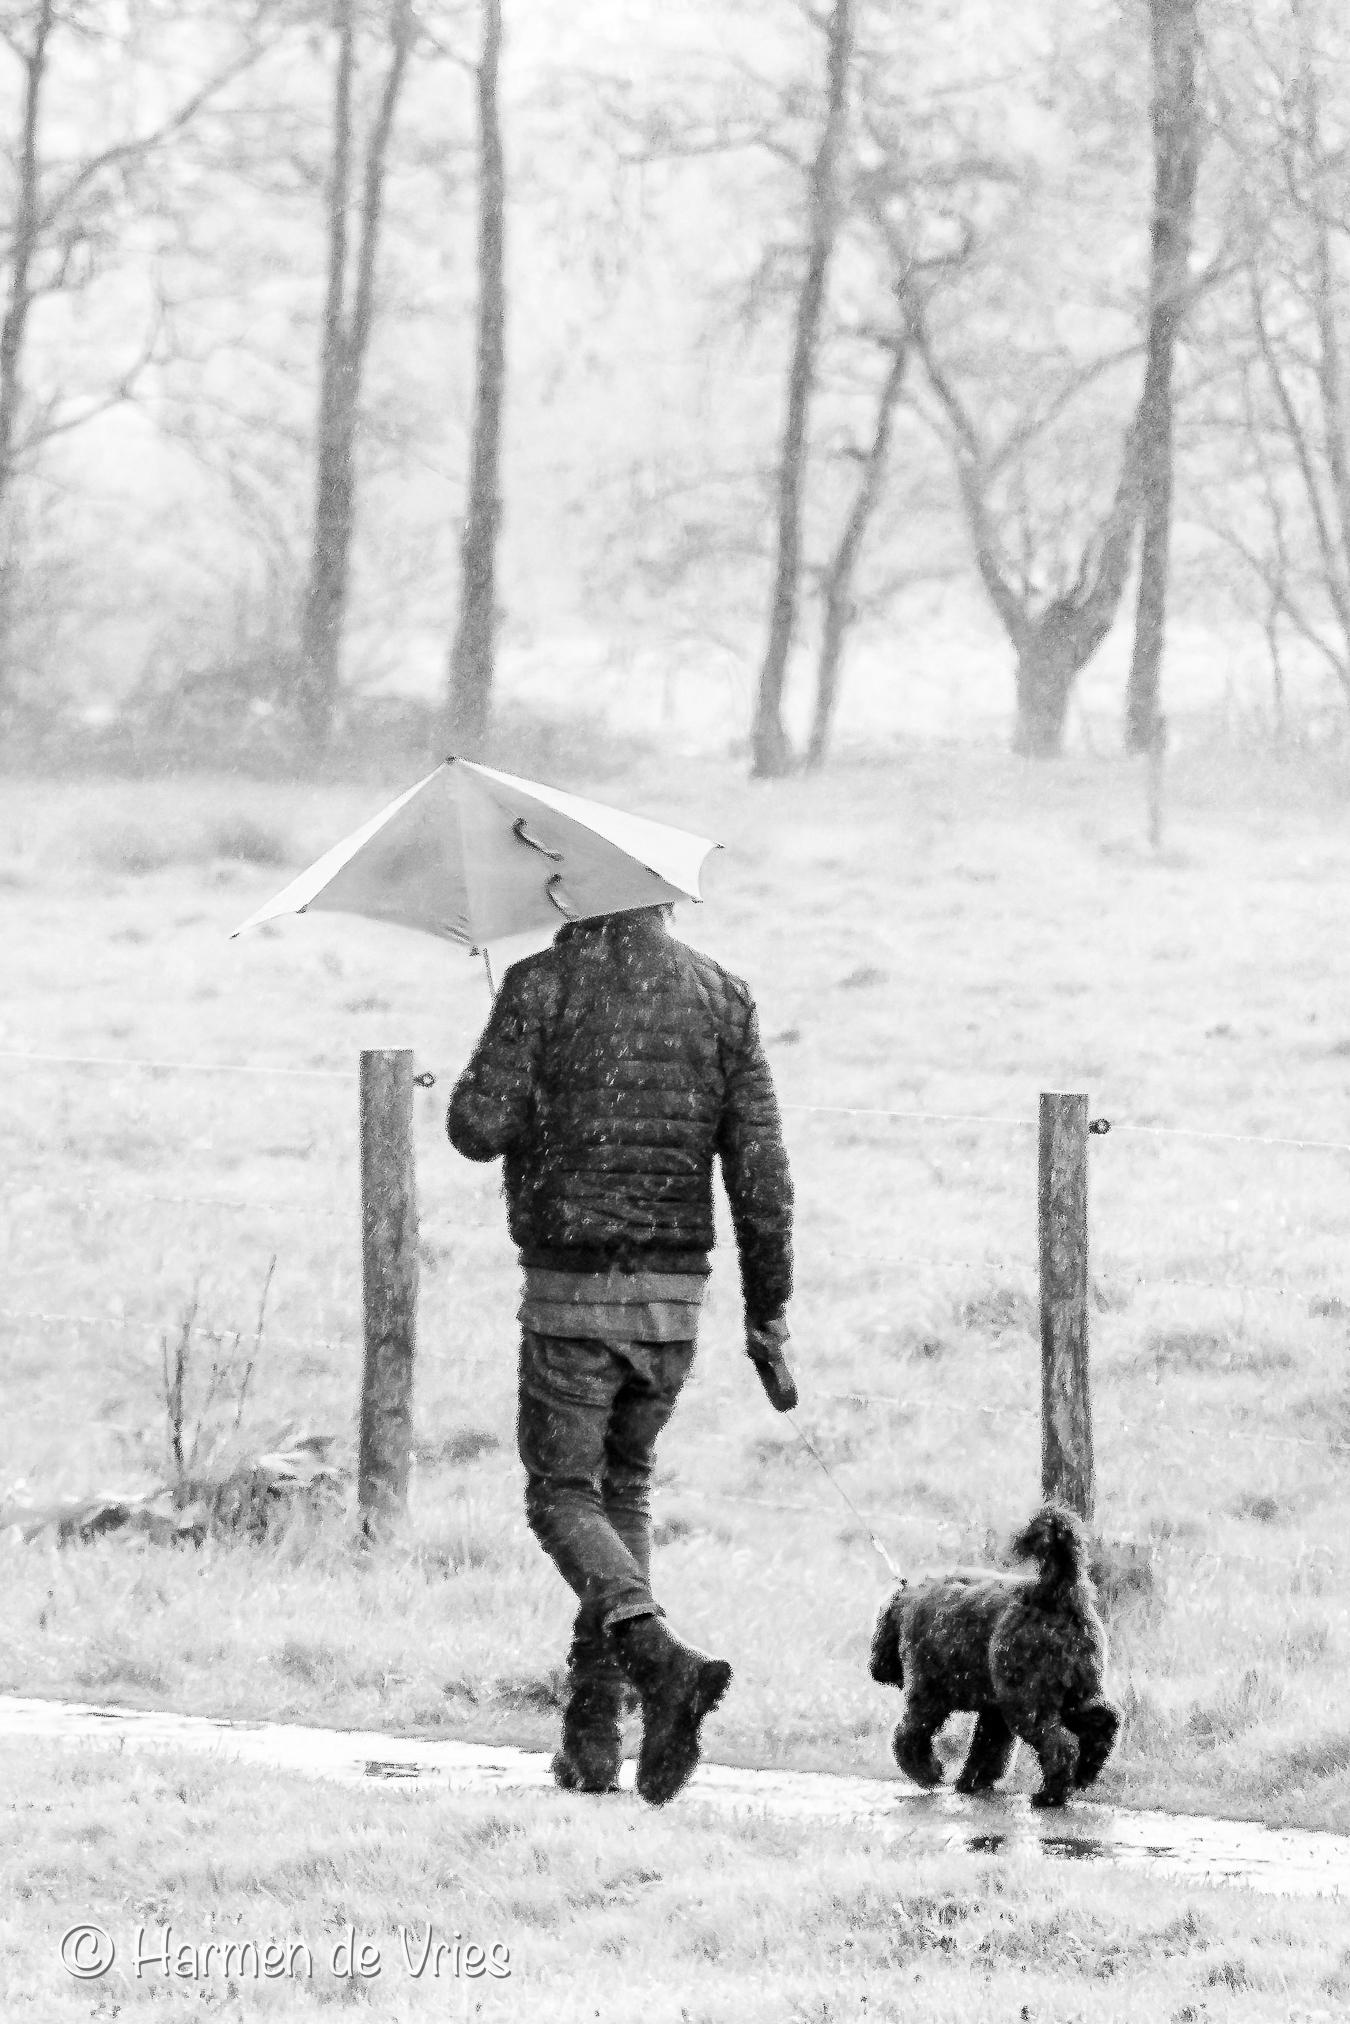 It's a rainy day, but duty calls - Ook wanneer het nagenoeg de hele dag regent, laat je trouw je hond uit.  - foto door hjdevries op 29-04-2021 - deze foto bevat: regen, natuur, weer, hond, paraplu, mens, zwartwit, hond, fotograaf, fabriek, paraplu, mens, staand, carnivoor, zwart en wit, grijs, stijl